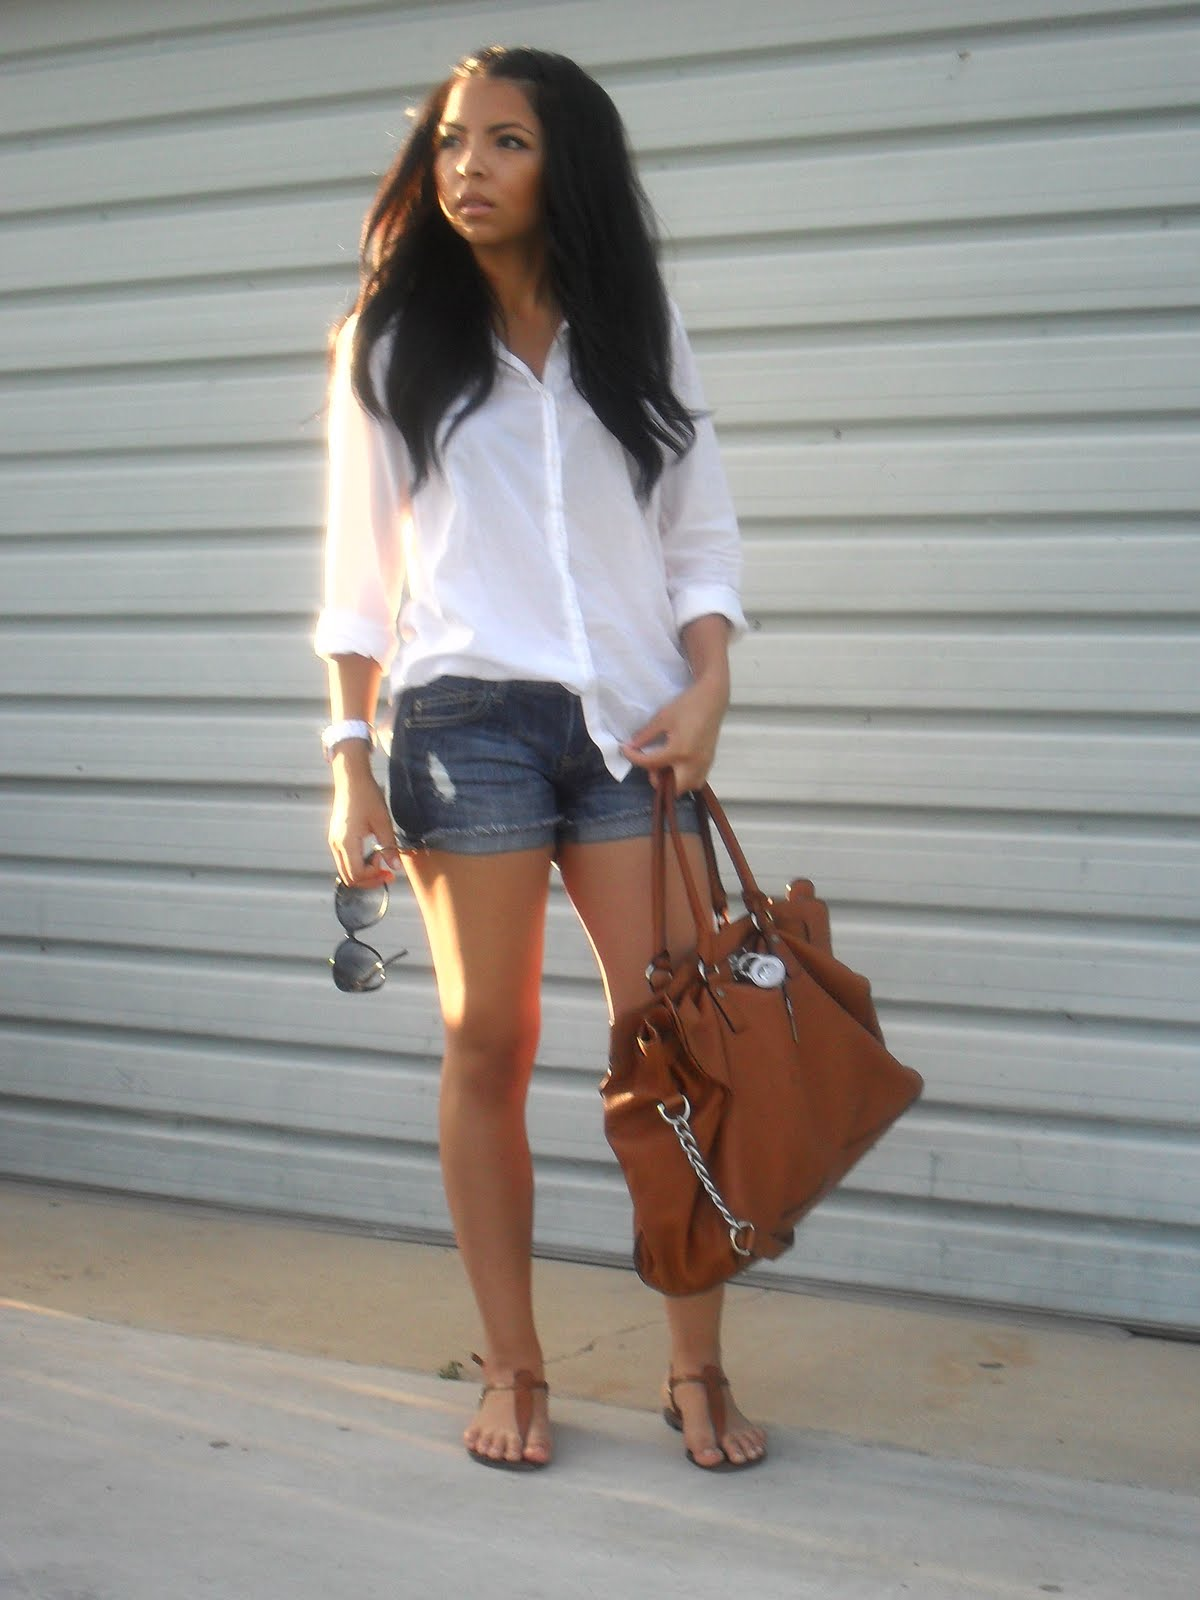 Danira S Fashion World Denim Shorts Amp Sandals 8 13 11